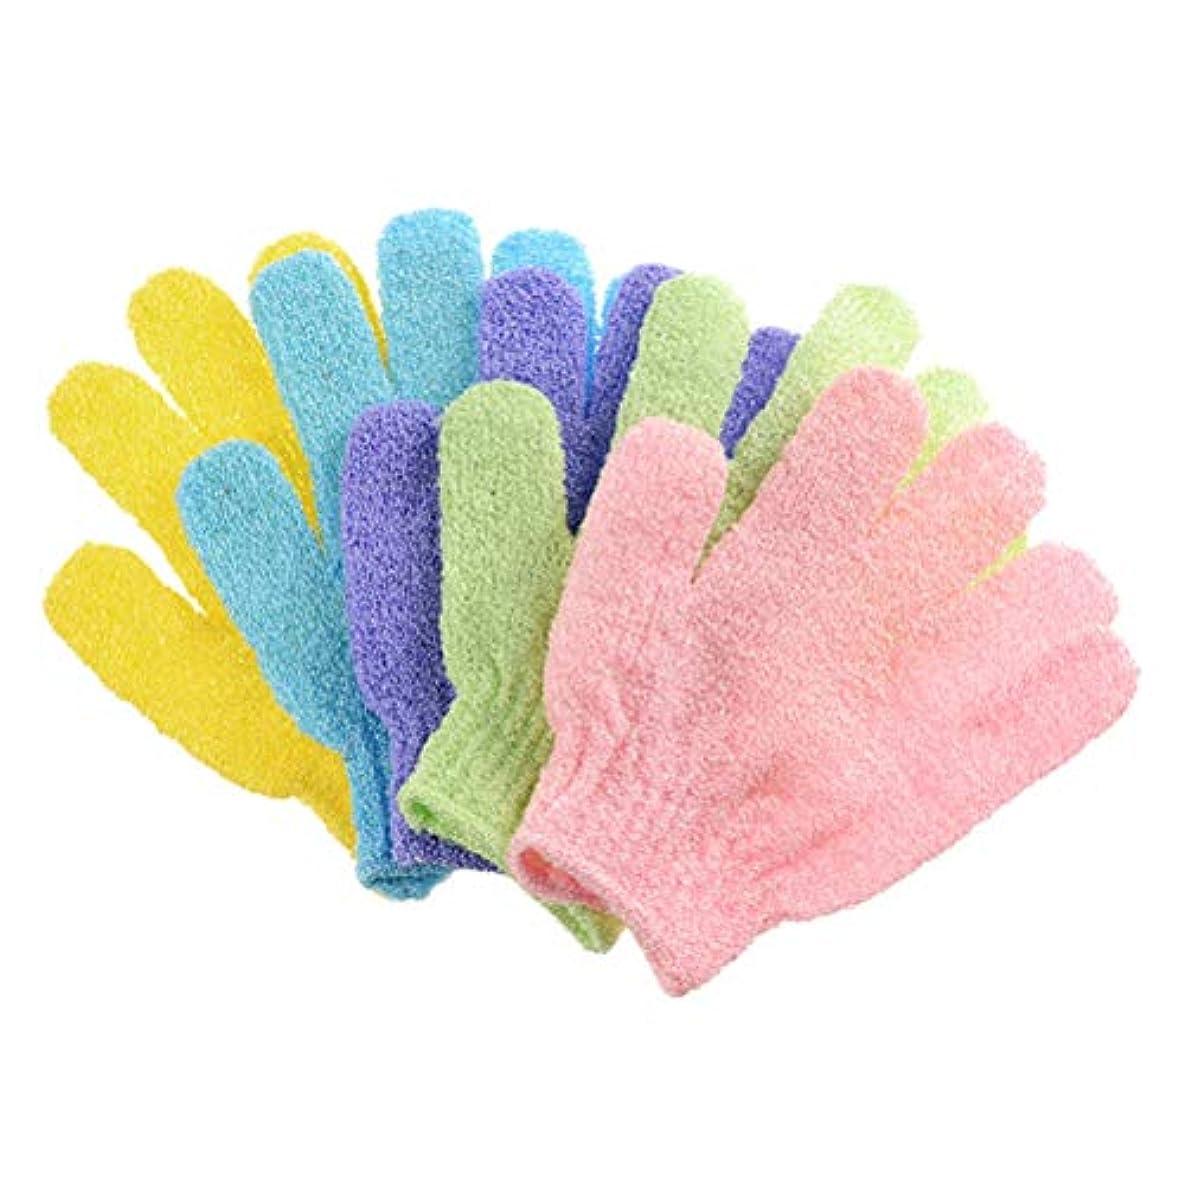 に勝る削るウナギTOPBATHY 20ピースバスウォッシュタオル剥離バスクロス手袋バックスクラバーバスクロスタオルボディ用入浴用シャワースパ(混色)